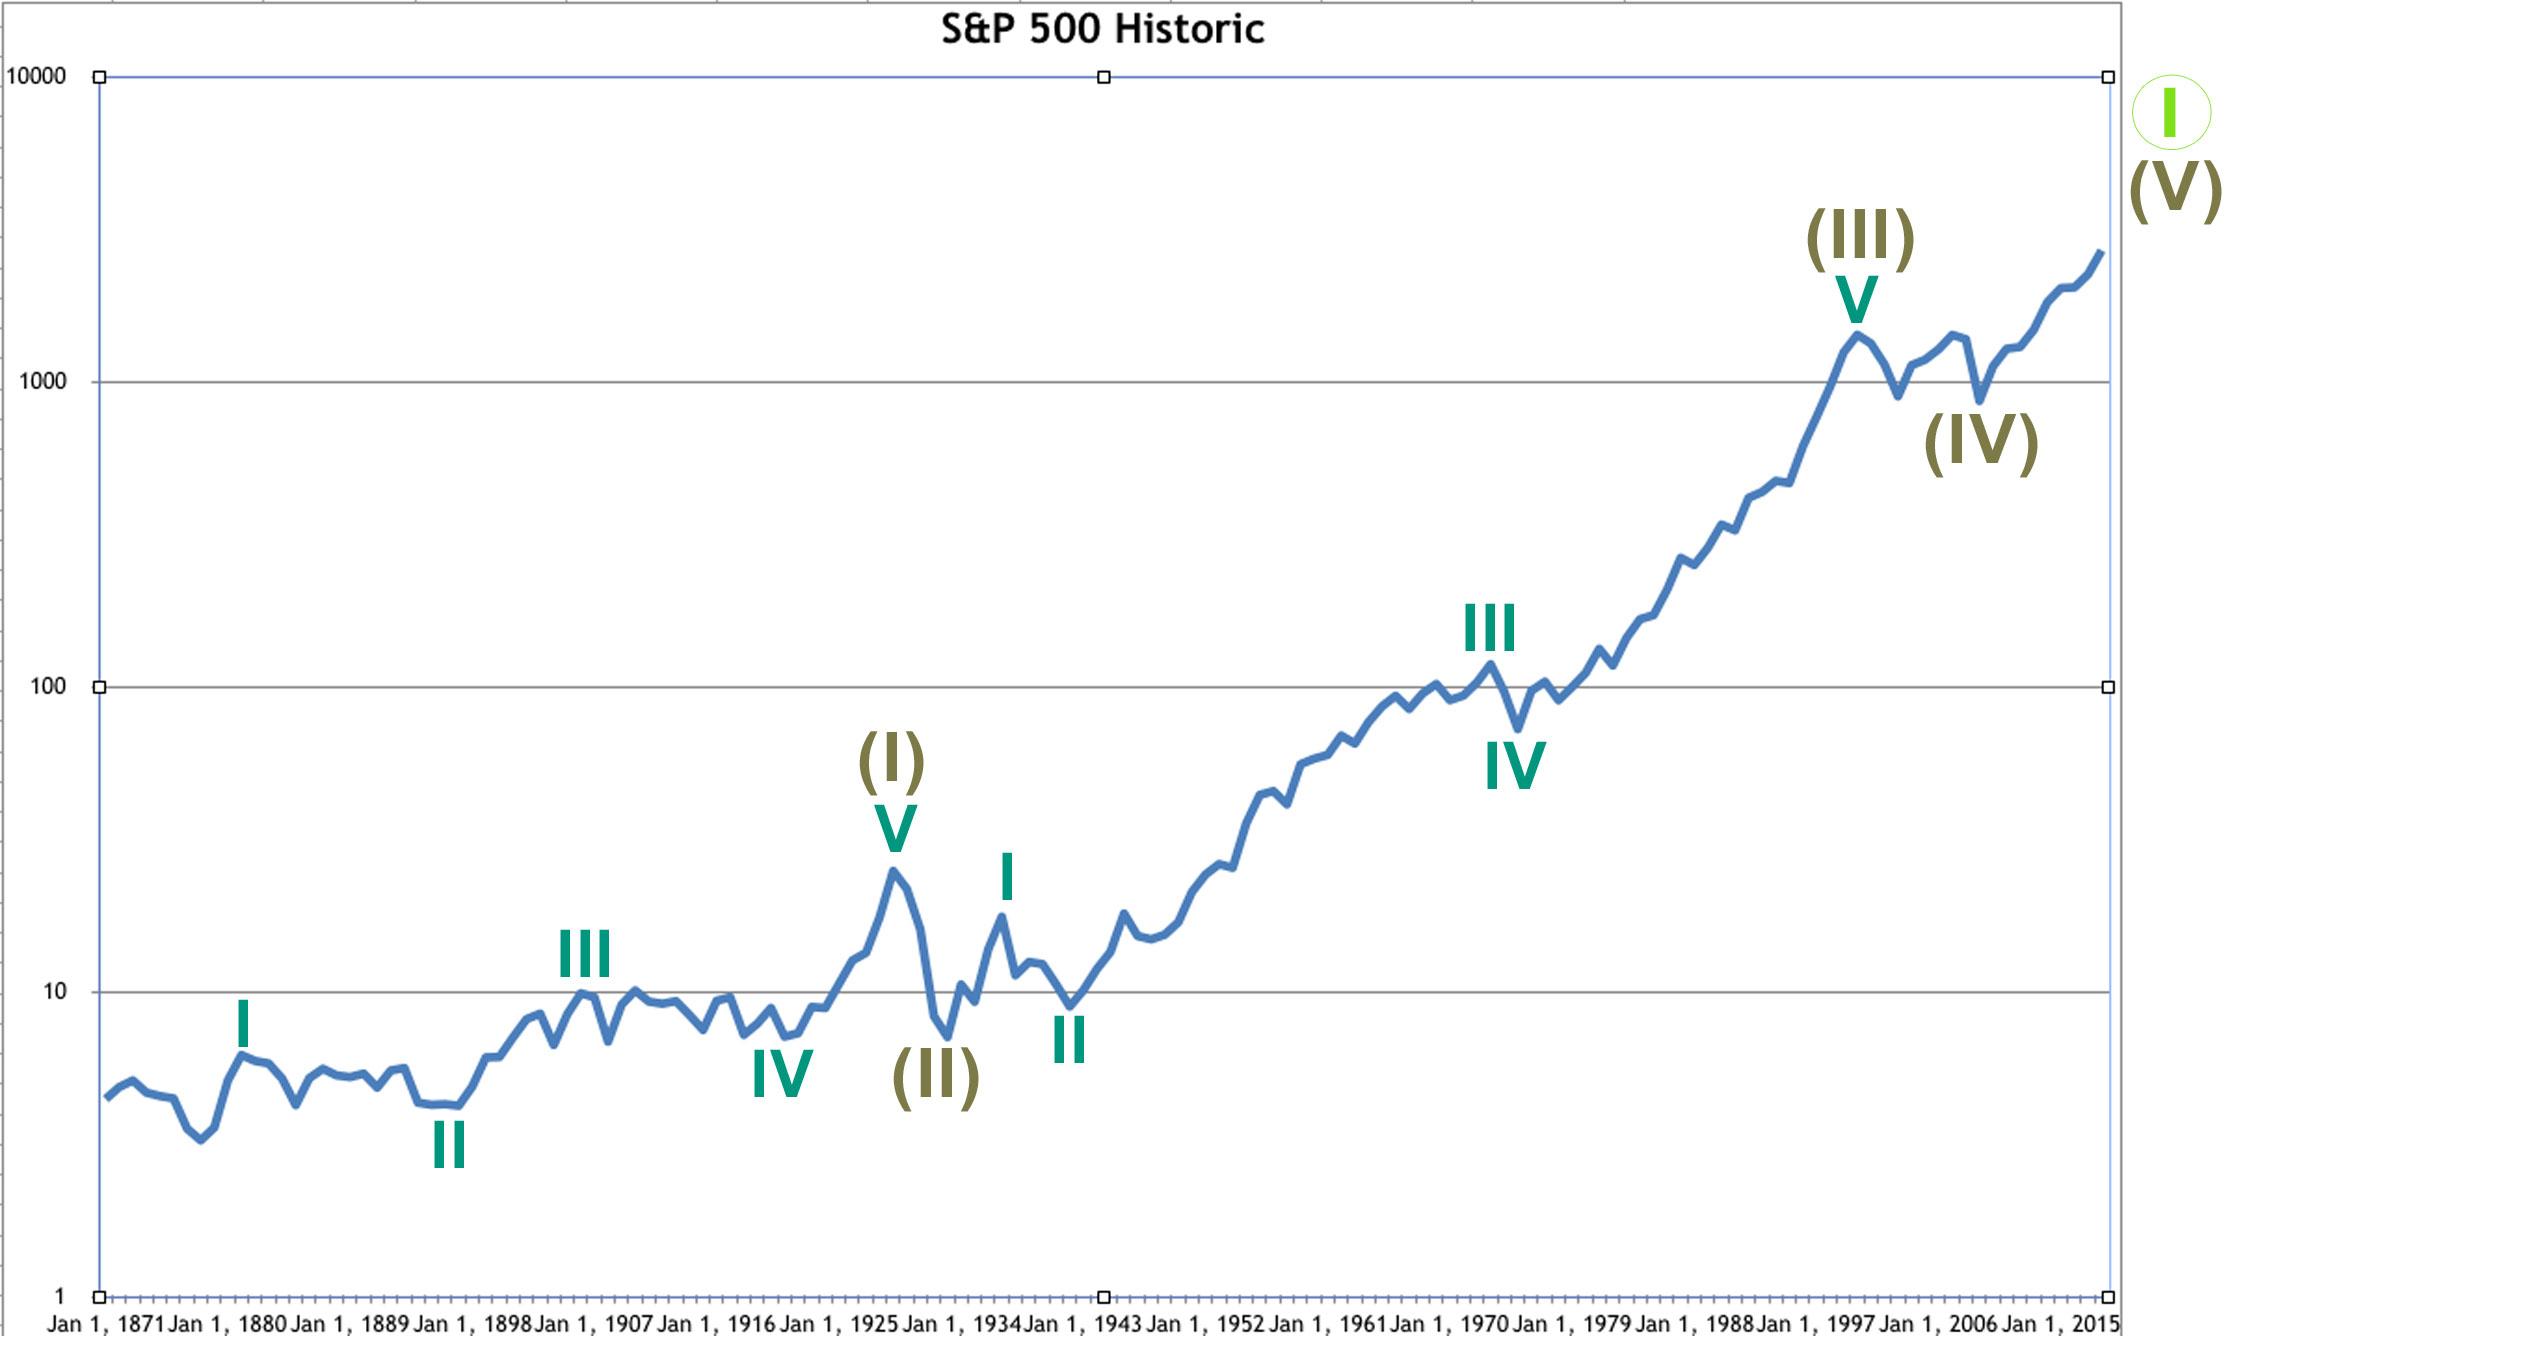 S&P 500 historic 2018